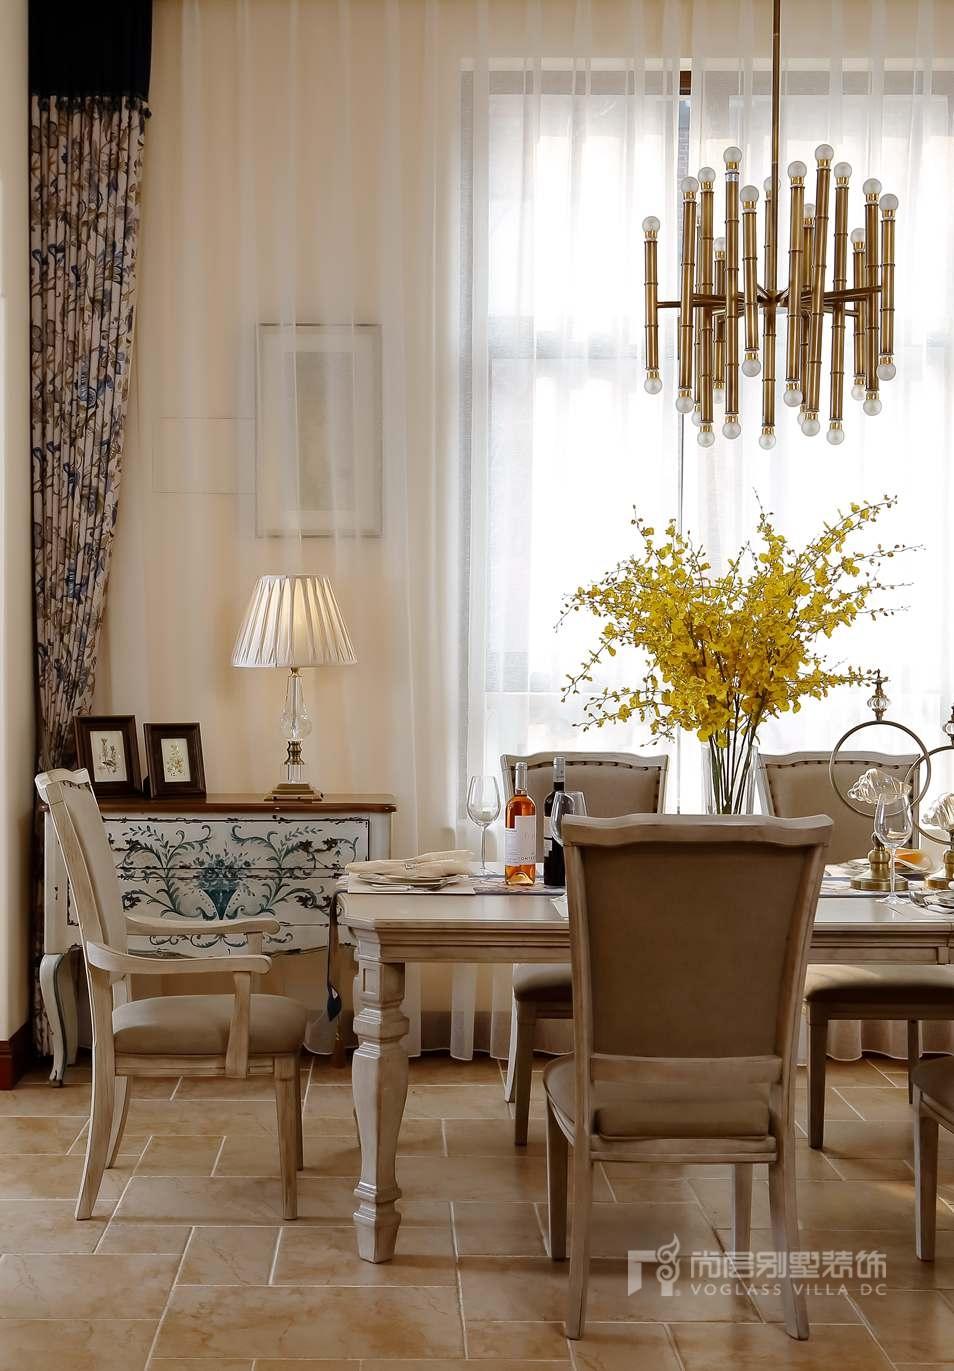 尚层室内软装配饰-餐厅实景图